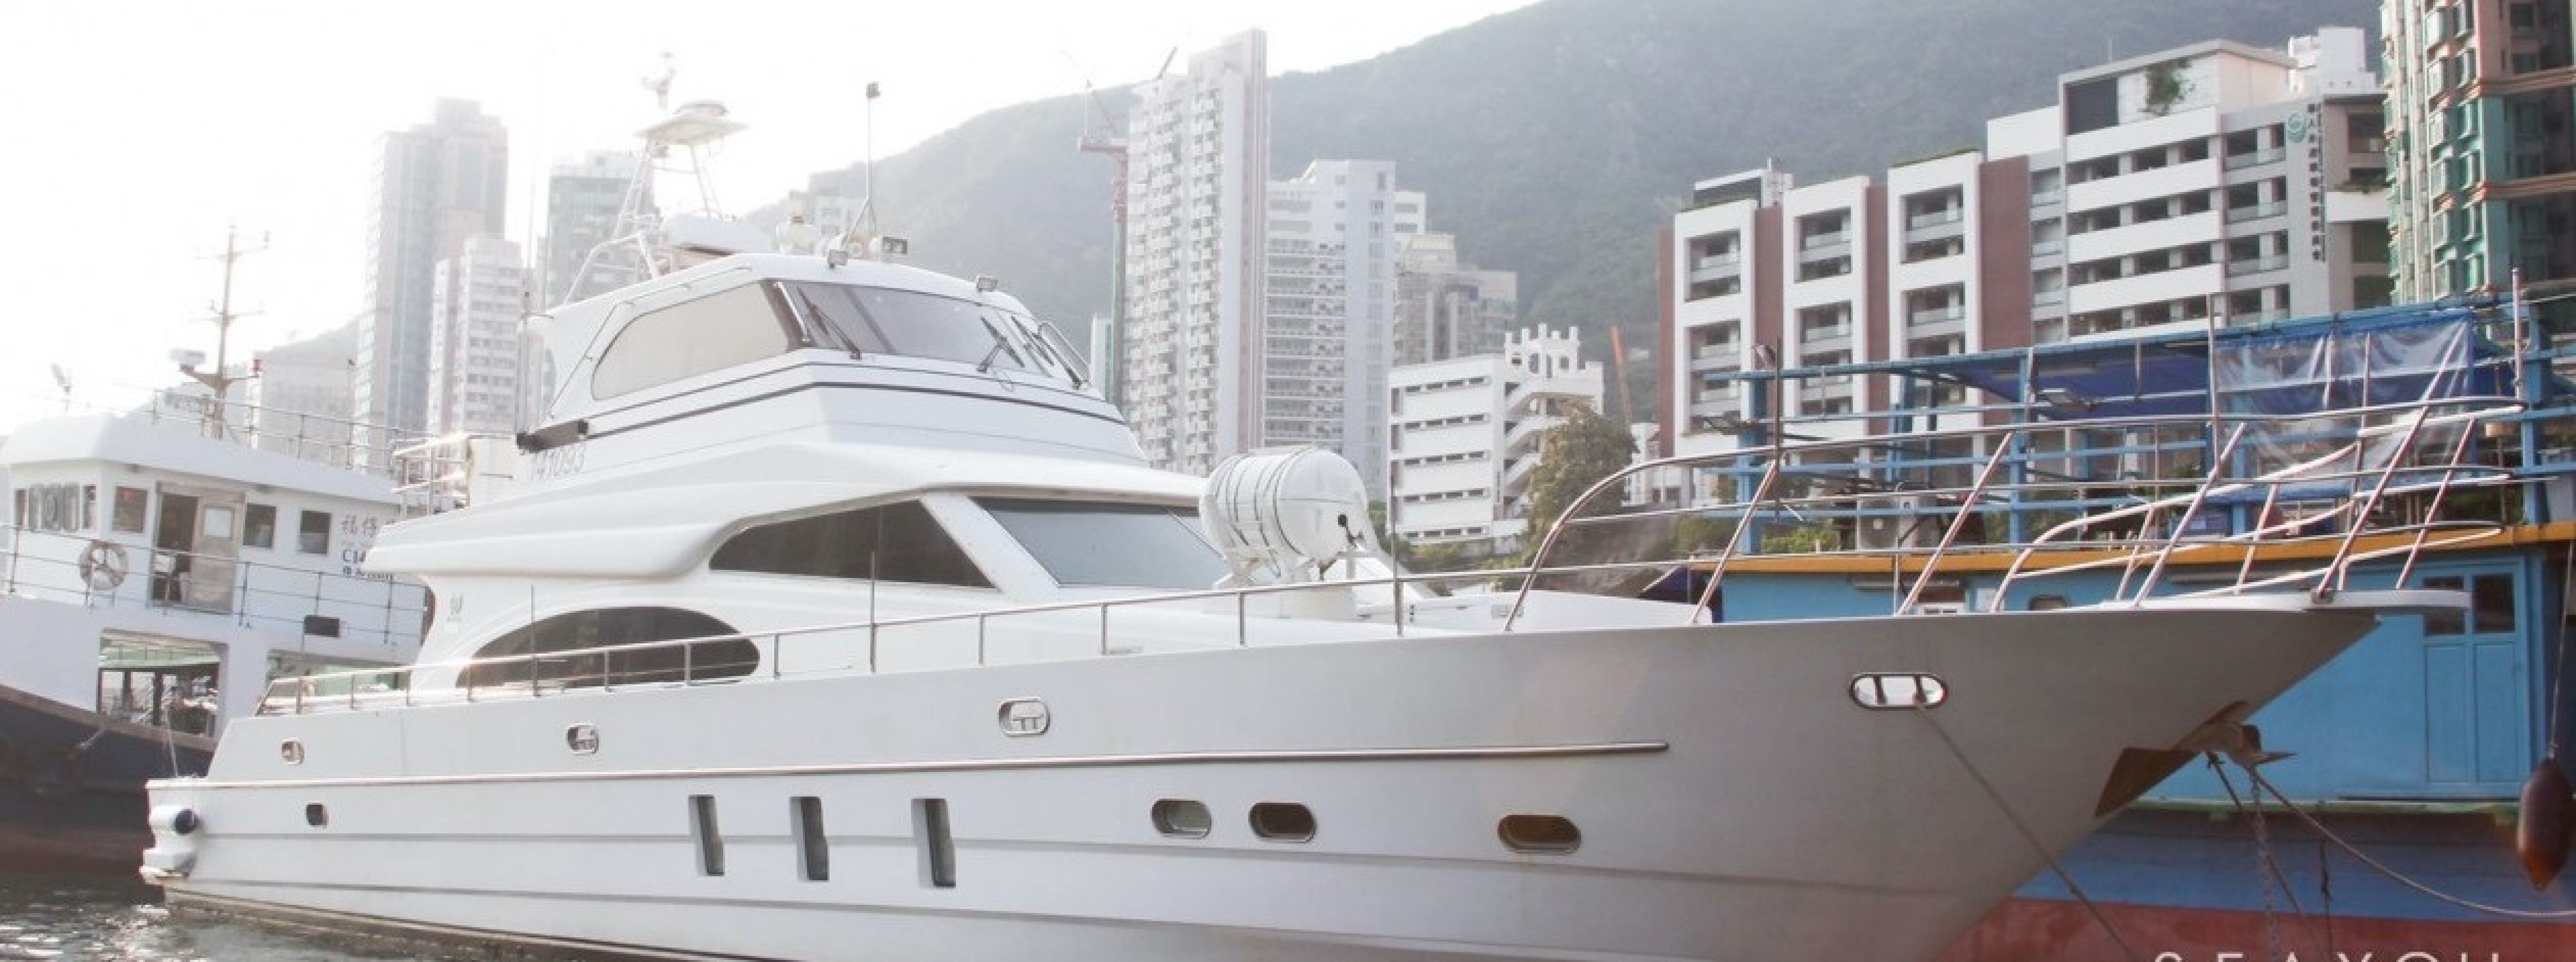 Hong Kong Yacht Charter - HKY27